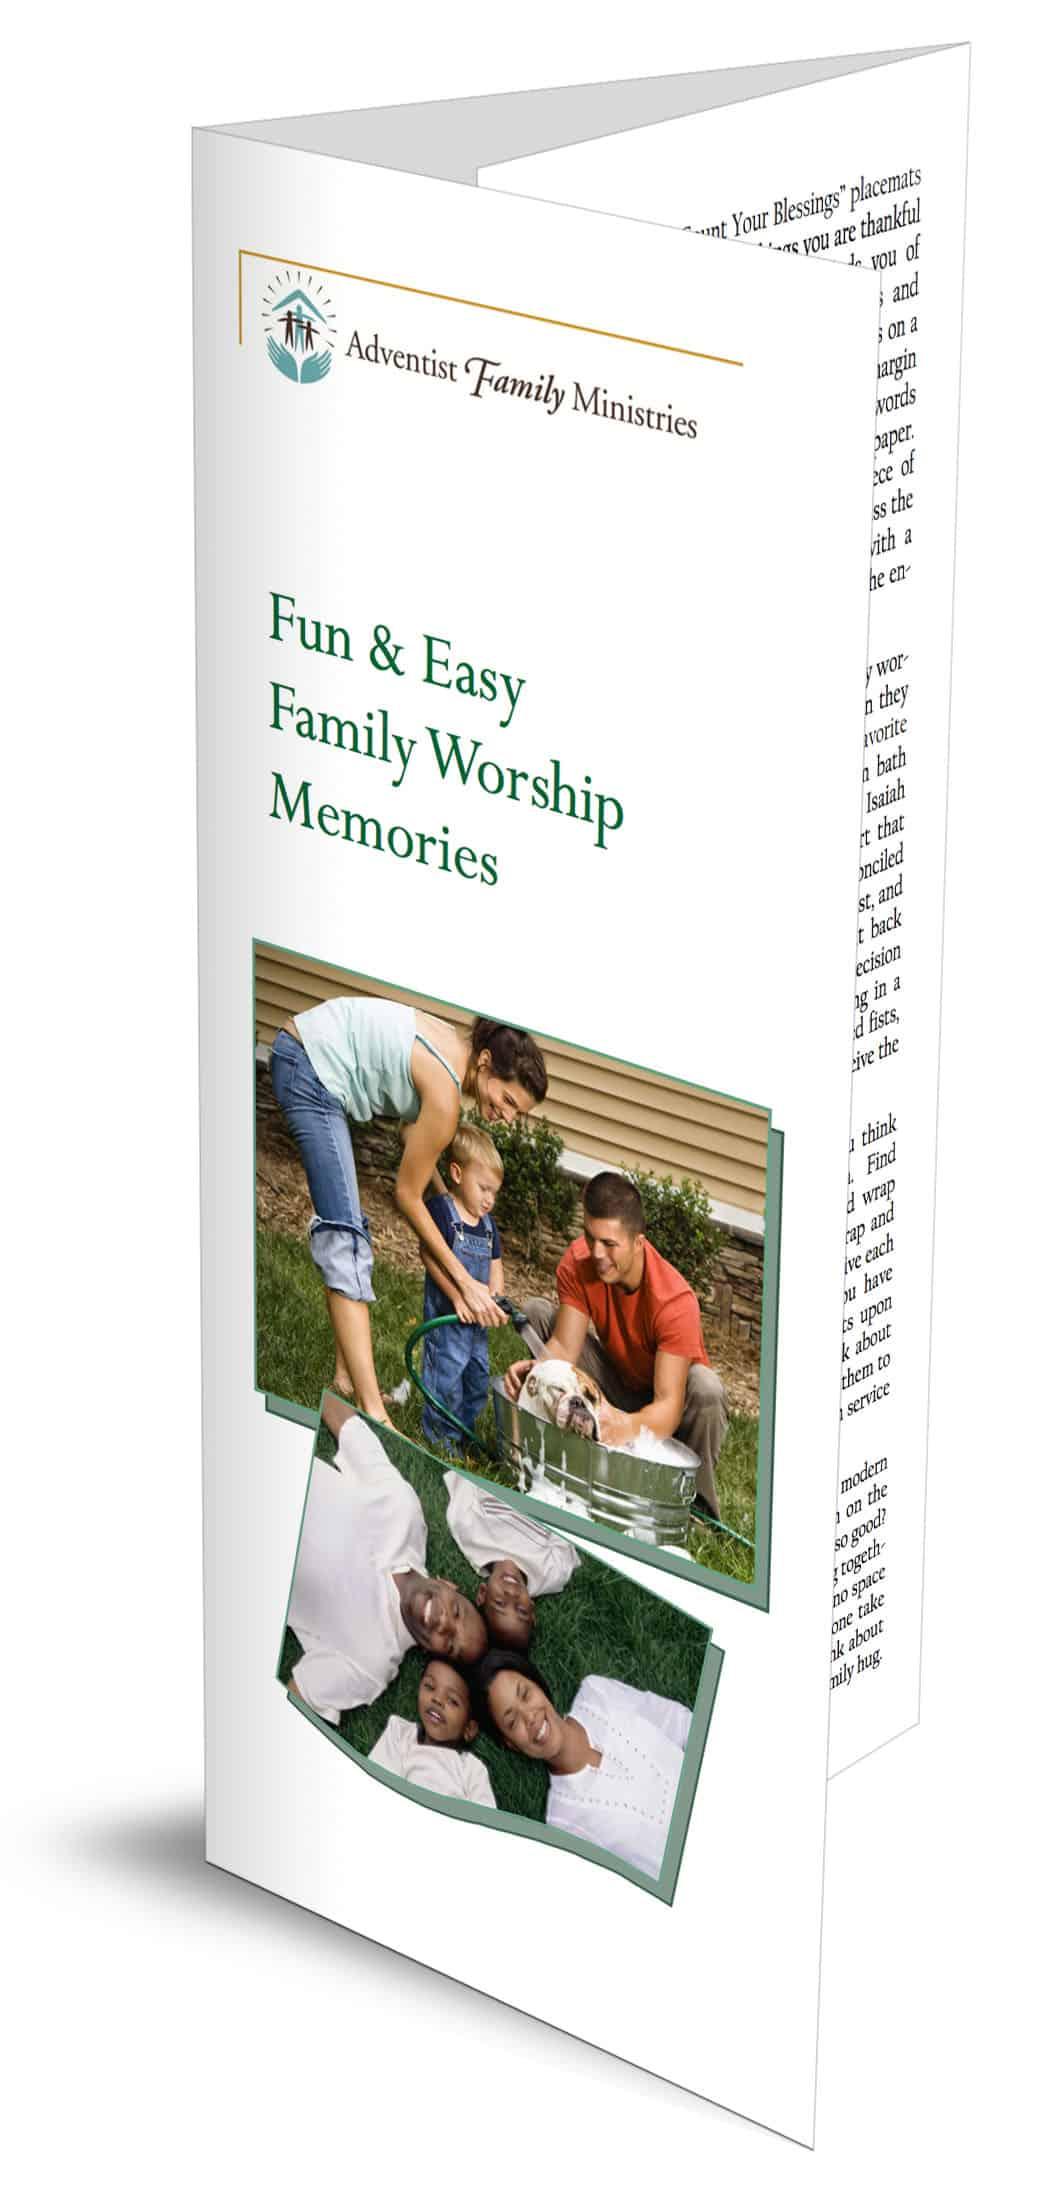 Fun & Easy Family Worship Memories – Family Ministries